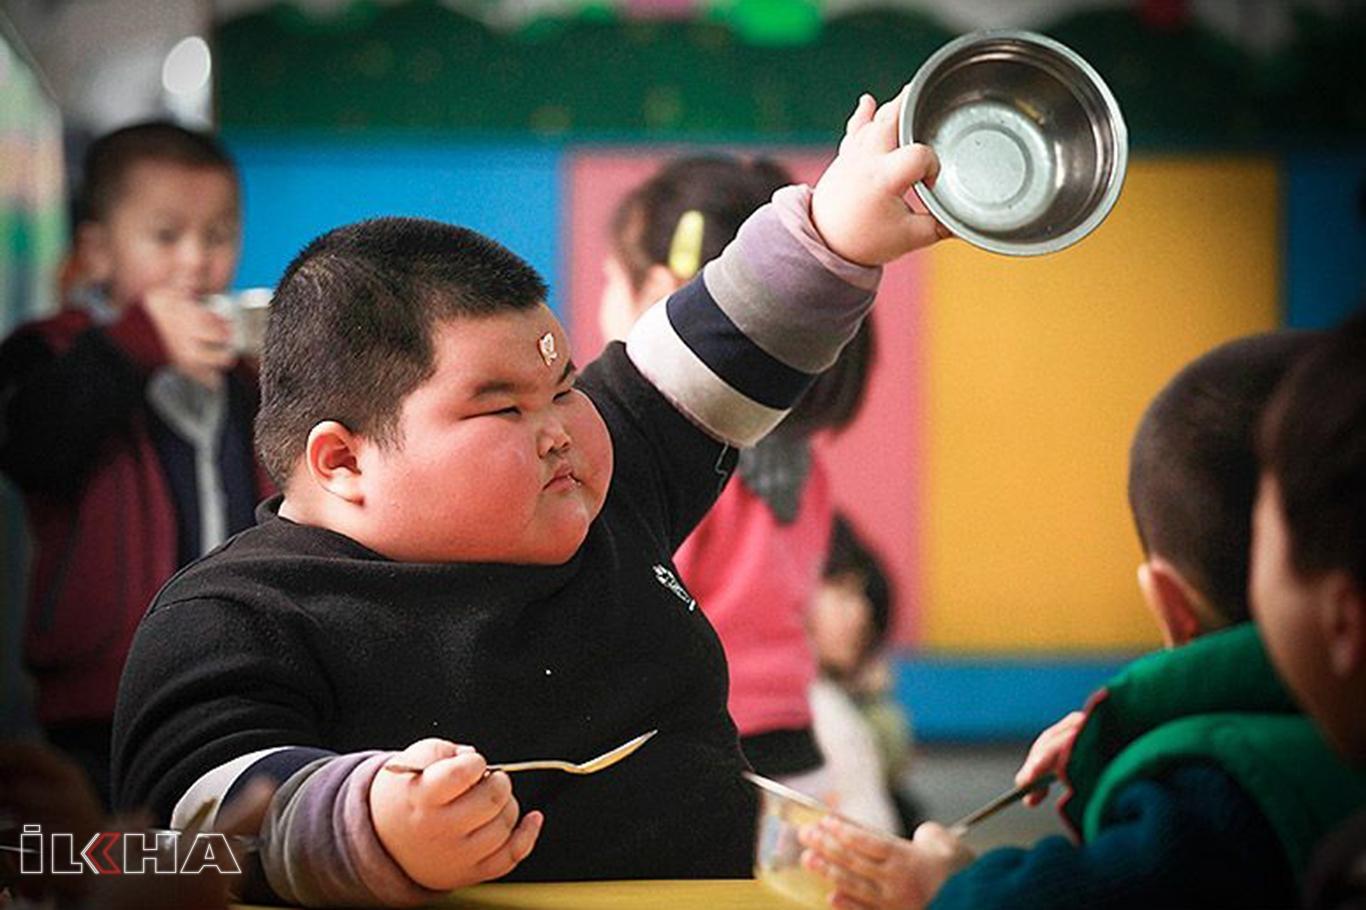 Obezite çocuklar için büyük bir tehdit.